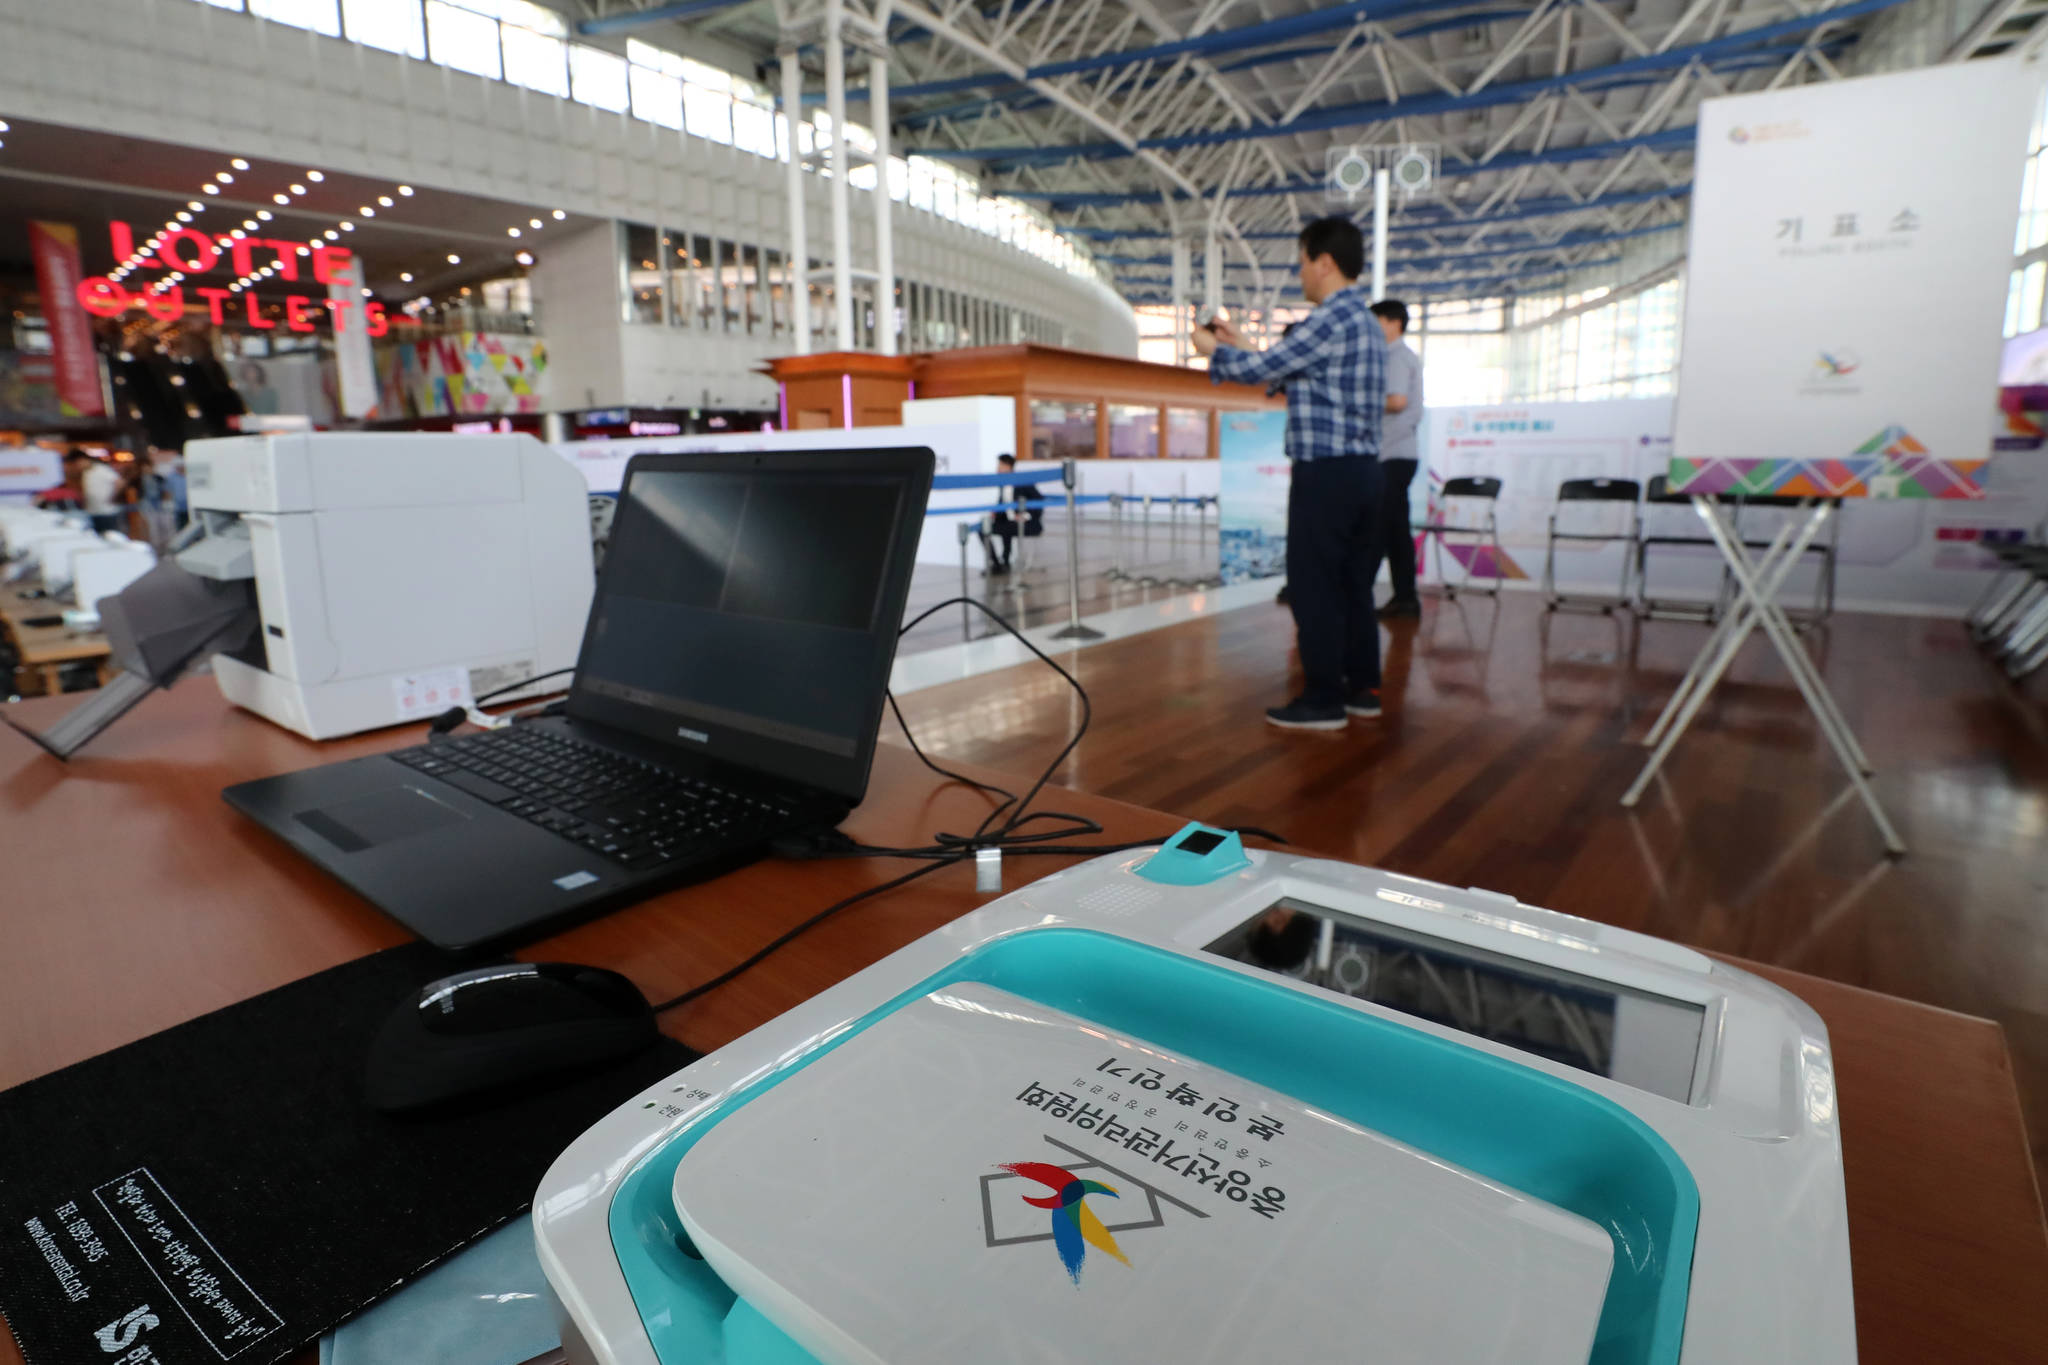 6일 오후 서울역에 '6ㆍ13 제7회 전국동시지방선거 및 국회의원 재ㆍ보궐선거' 사전투표소가 설치돼 있다. 사전투표는 오는 8ㆍ9일 이틀간 진행된다. [연합뉴스]